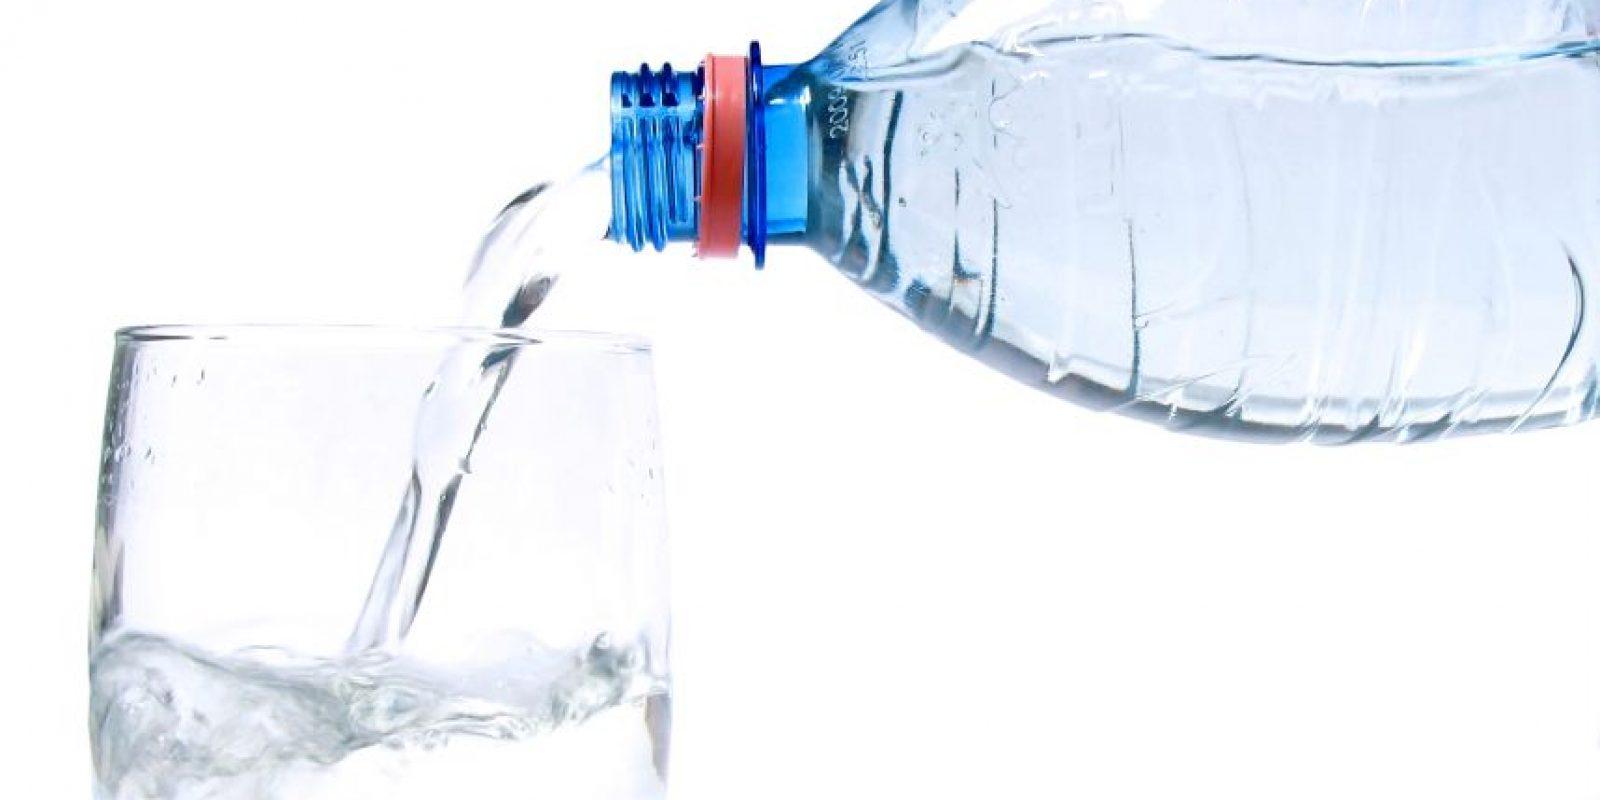 Agua. El agua es, quizá, la más importante fuente de energía. En muchos casos, el calor y la deshidratación son las principales causas de la fatiga, por lo que tomar dos litros de agua al día te mantendrá el ánimo al 100%. Foto:Fuente Externa